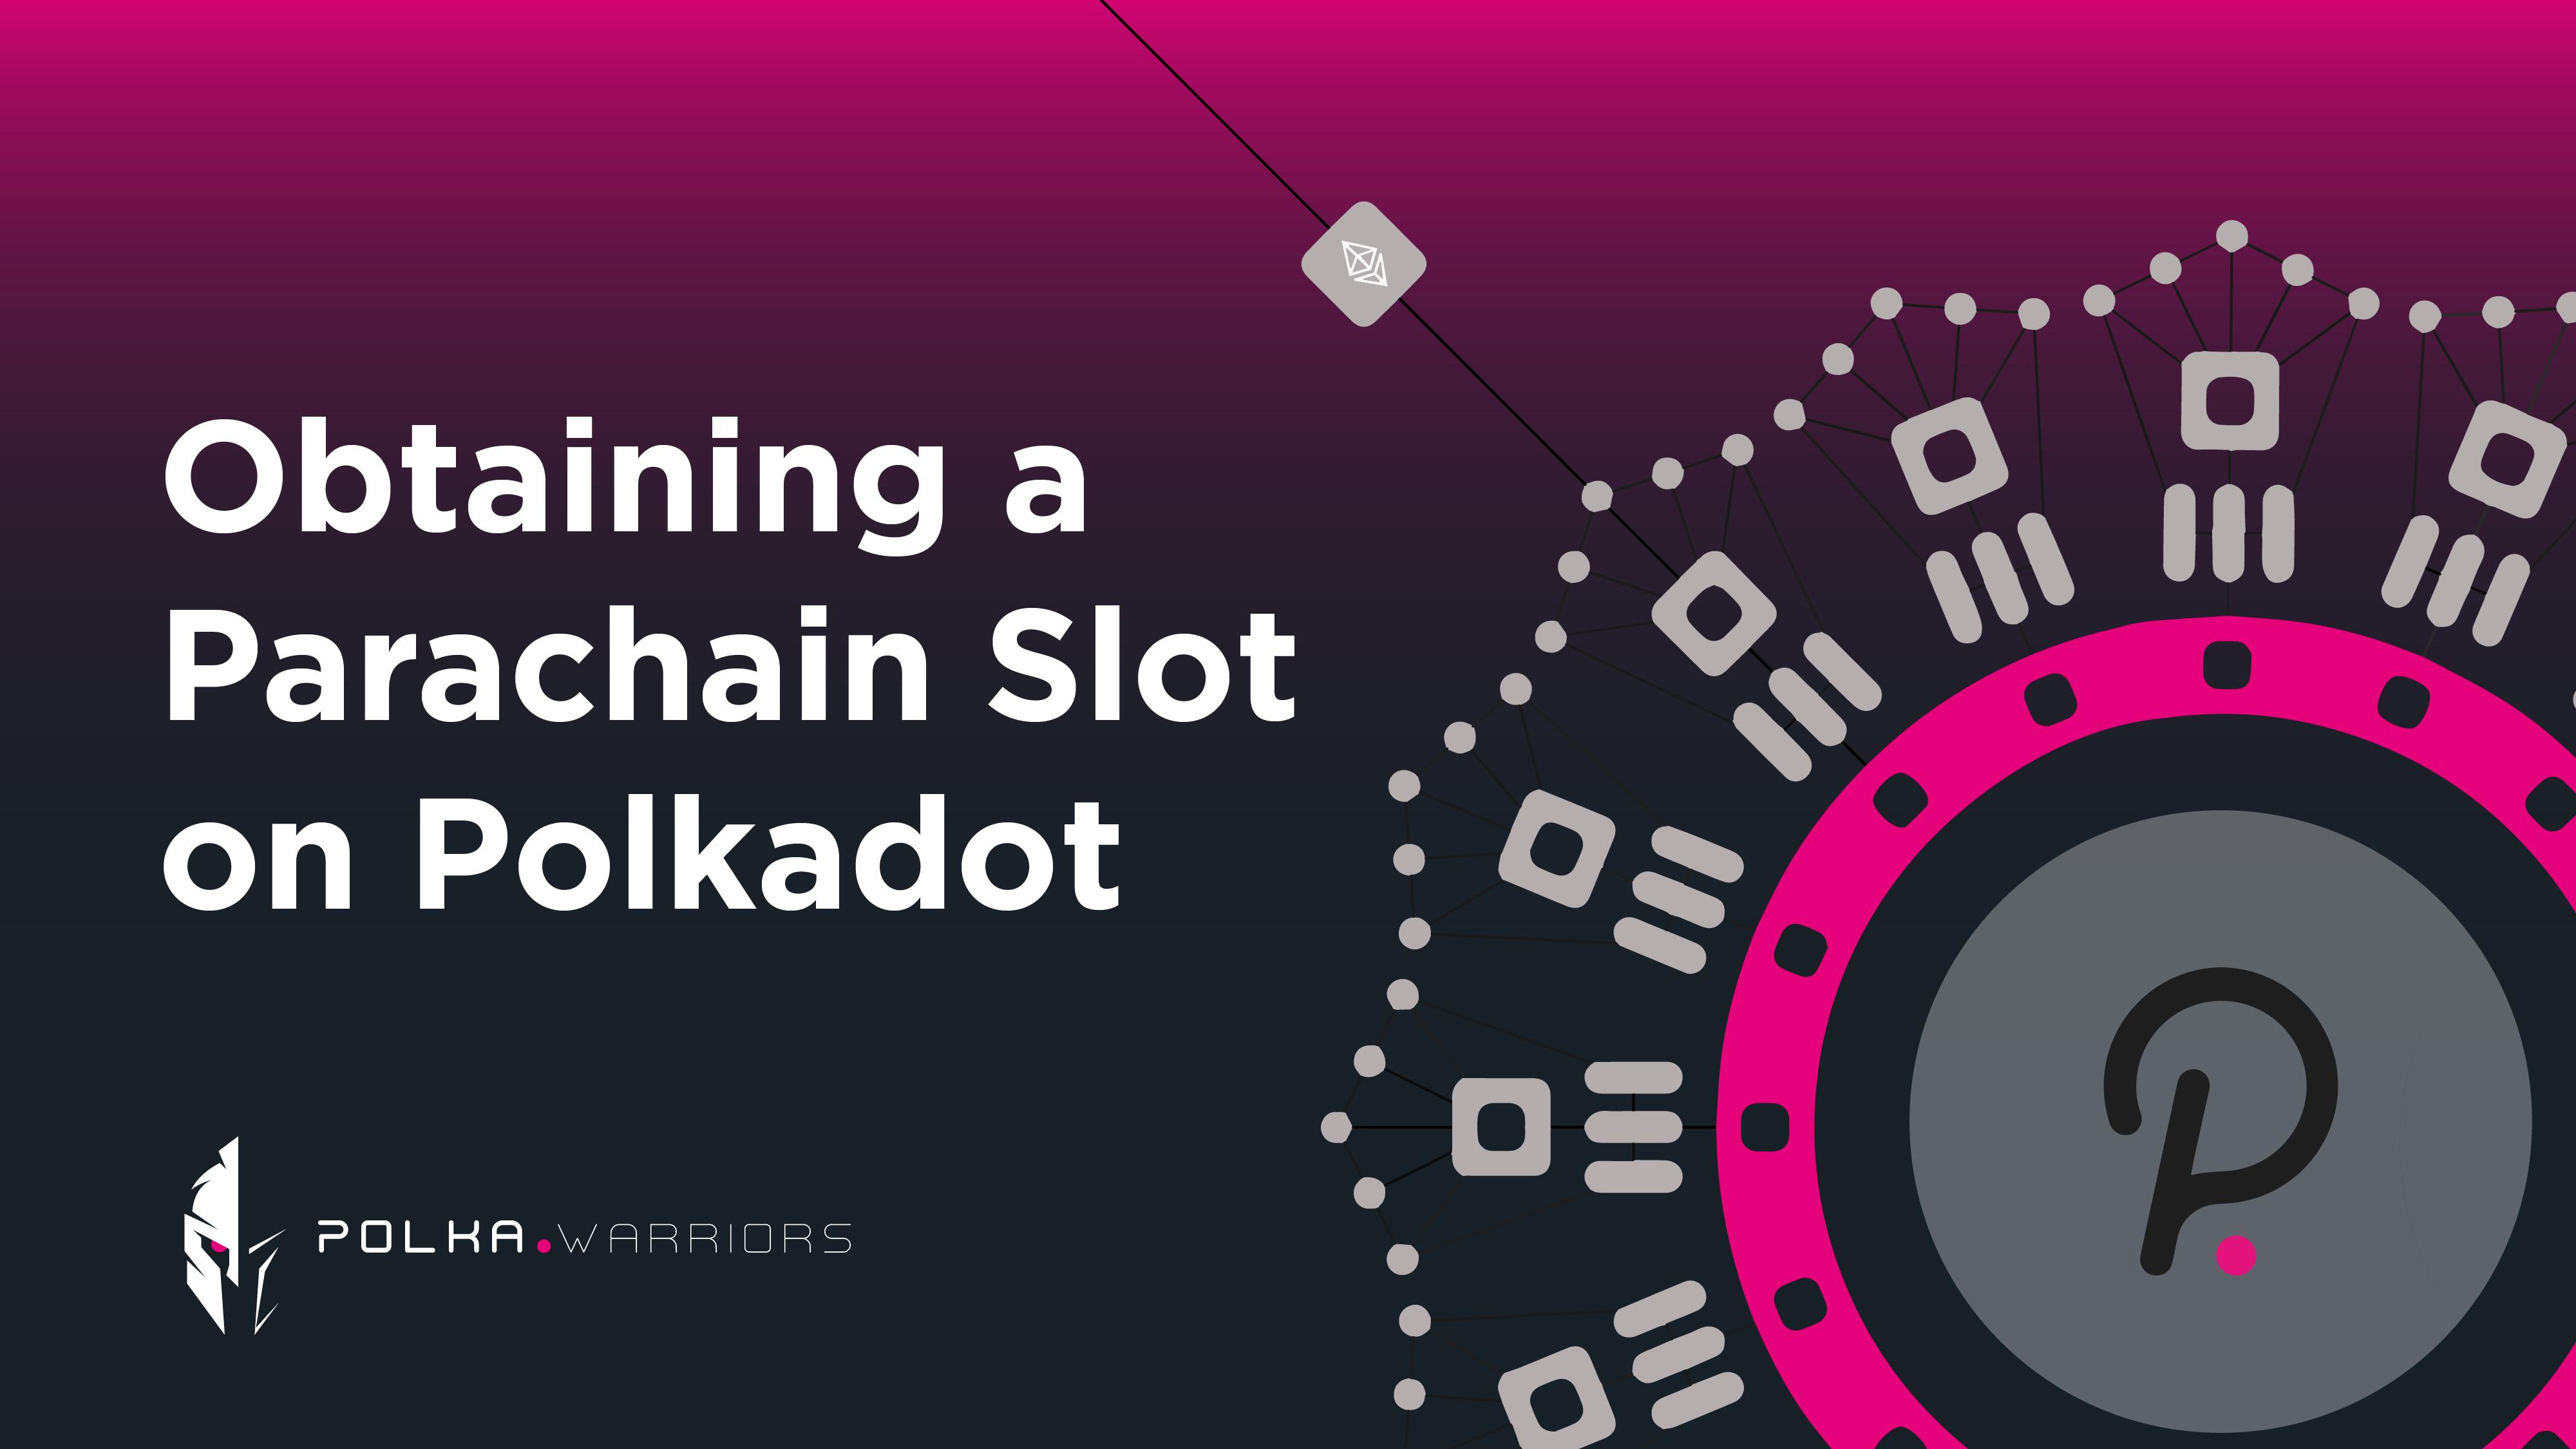 Cách để có slot Parachain trên Polkadot - Syndicator